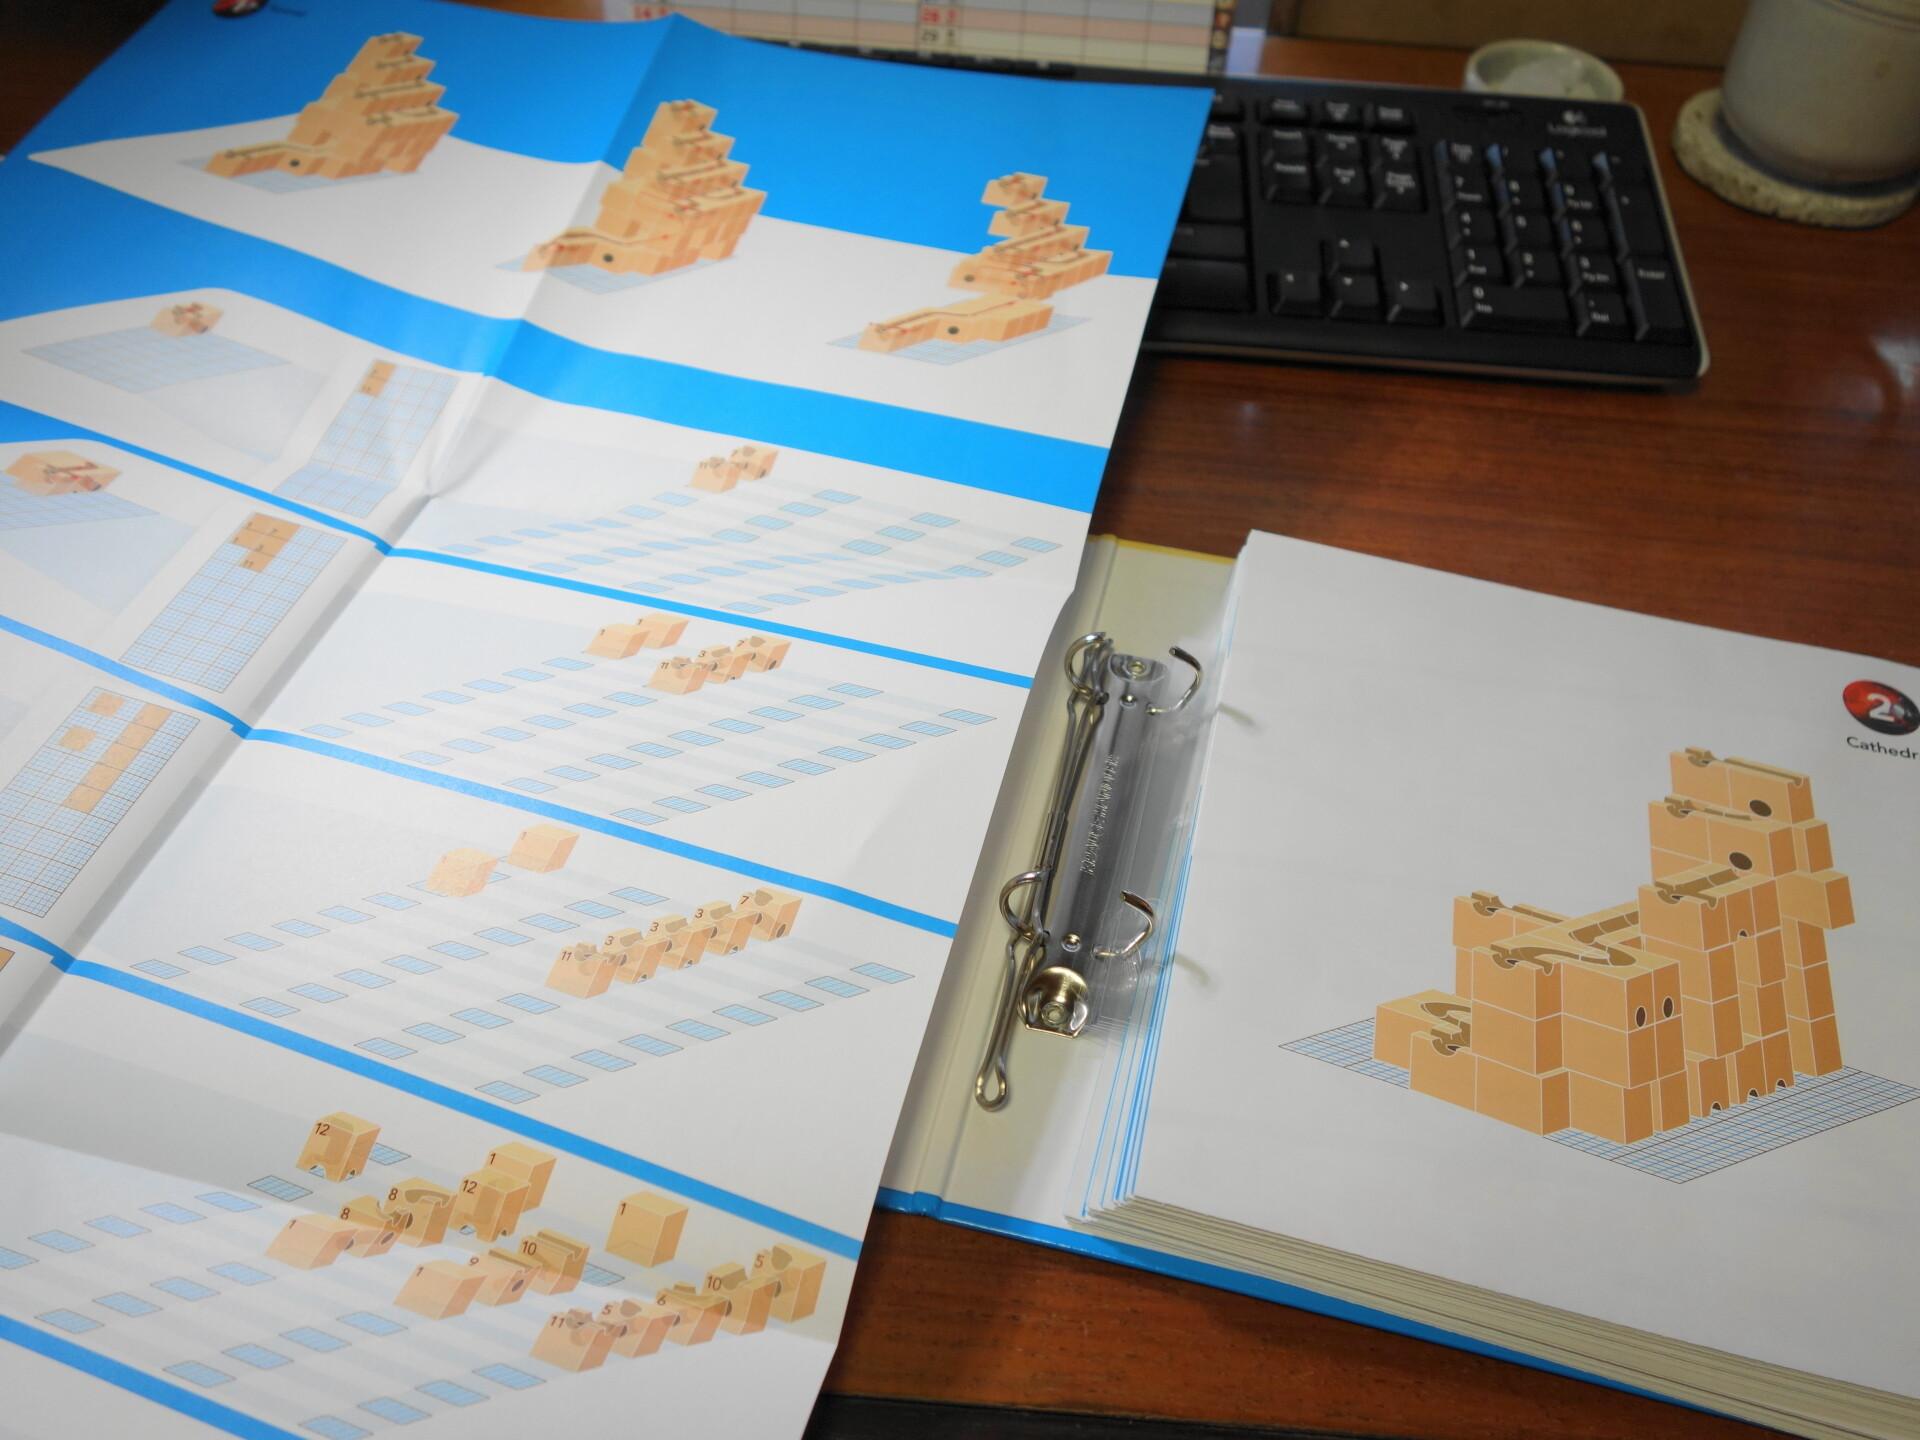 キュボロの設計書